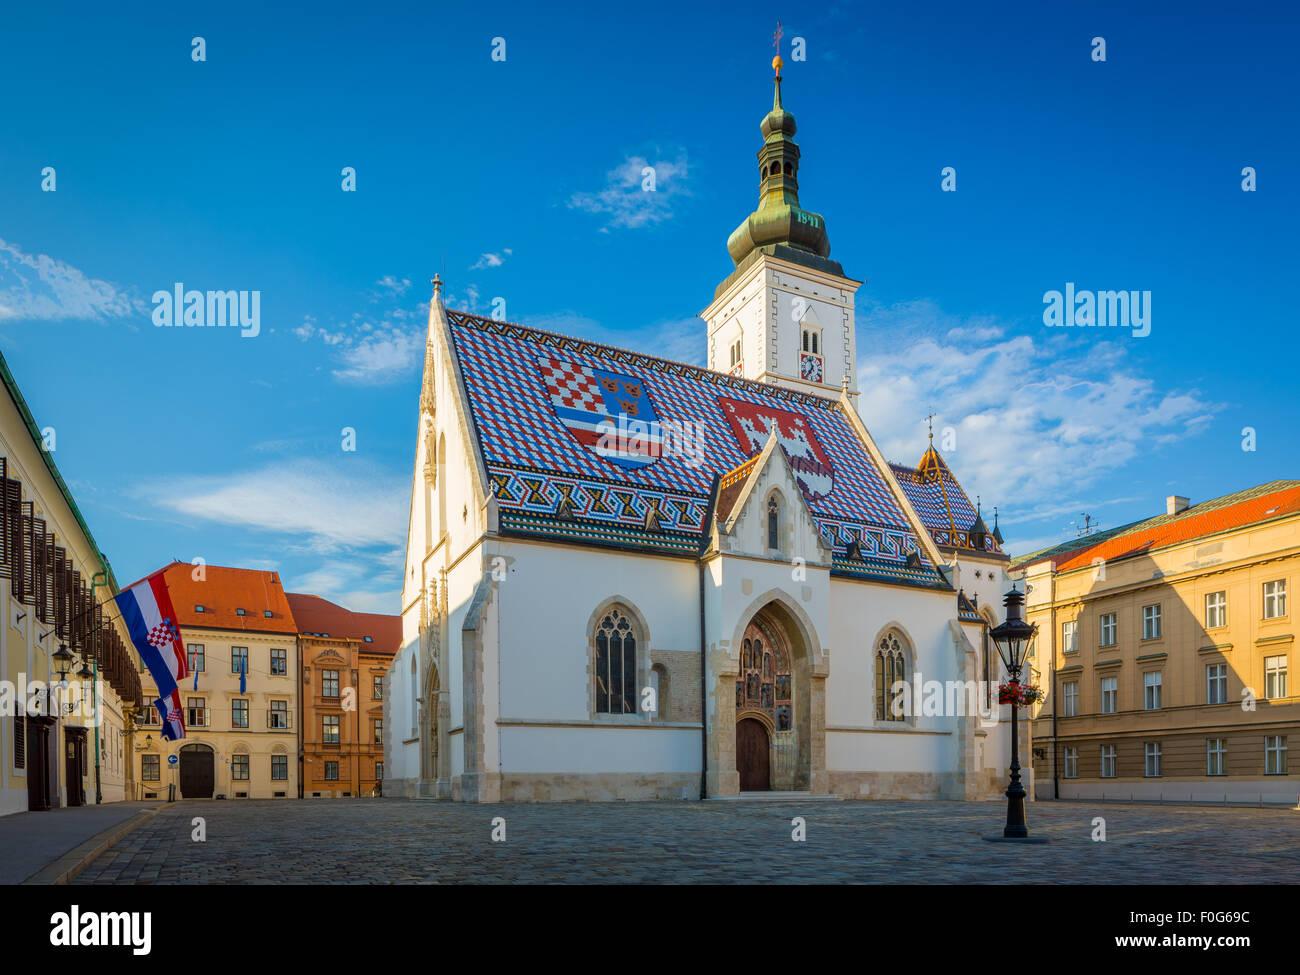 Die farbenfrohen St.-Markus-Kirche ist eines der ältesten Gebäude in Zagreb und eines seiner Symbole Stockbild